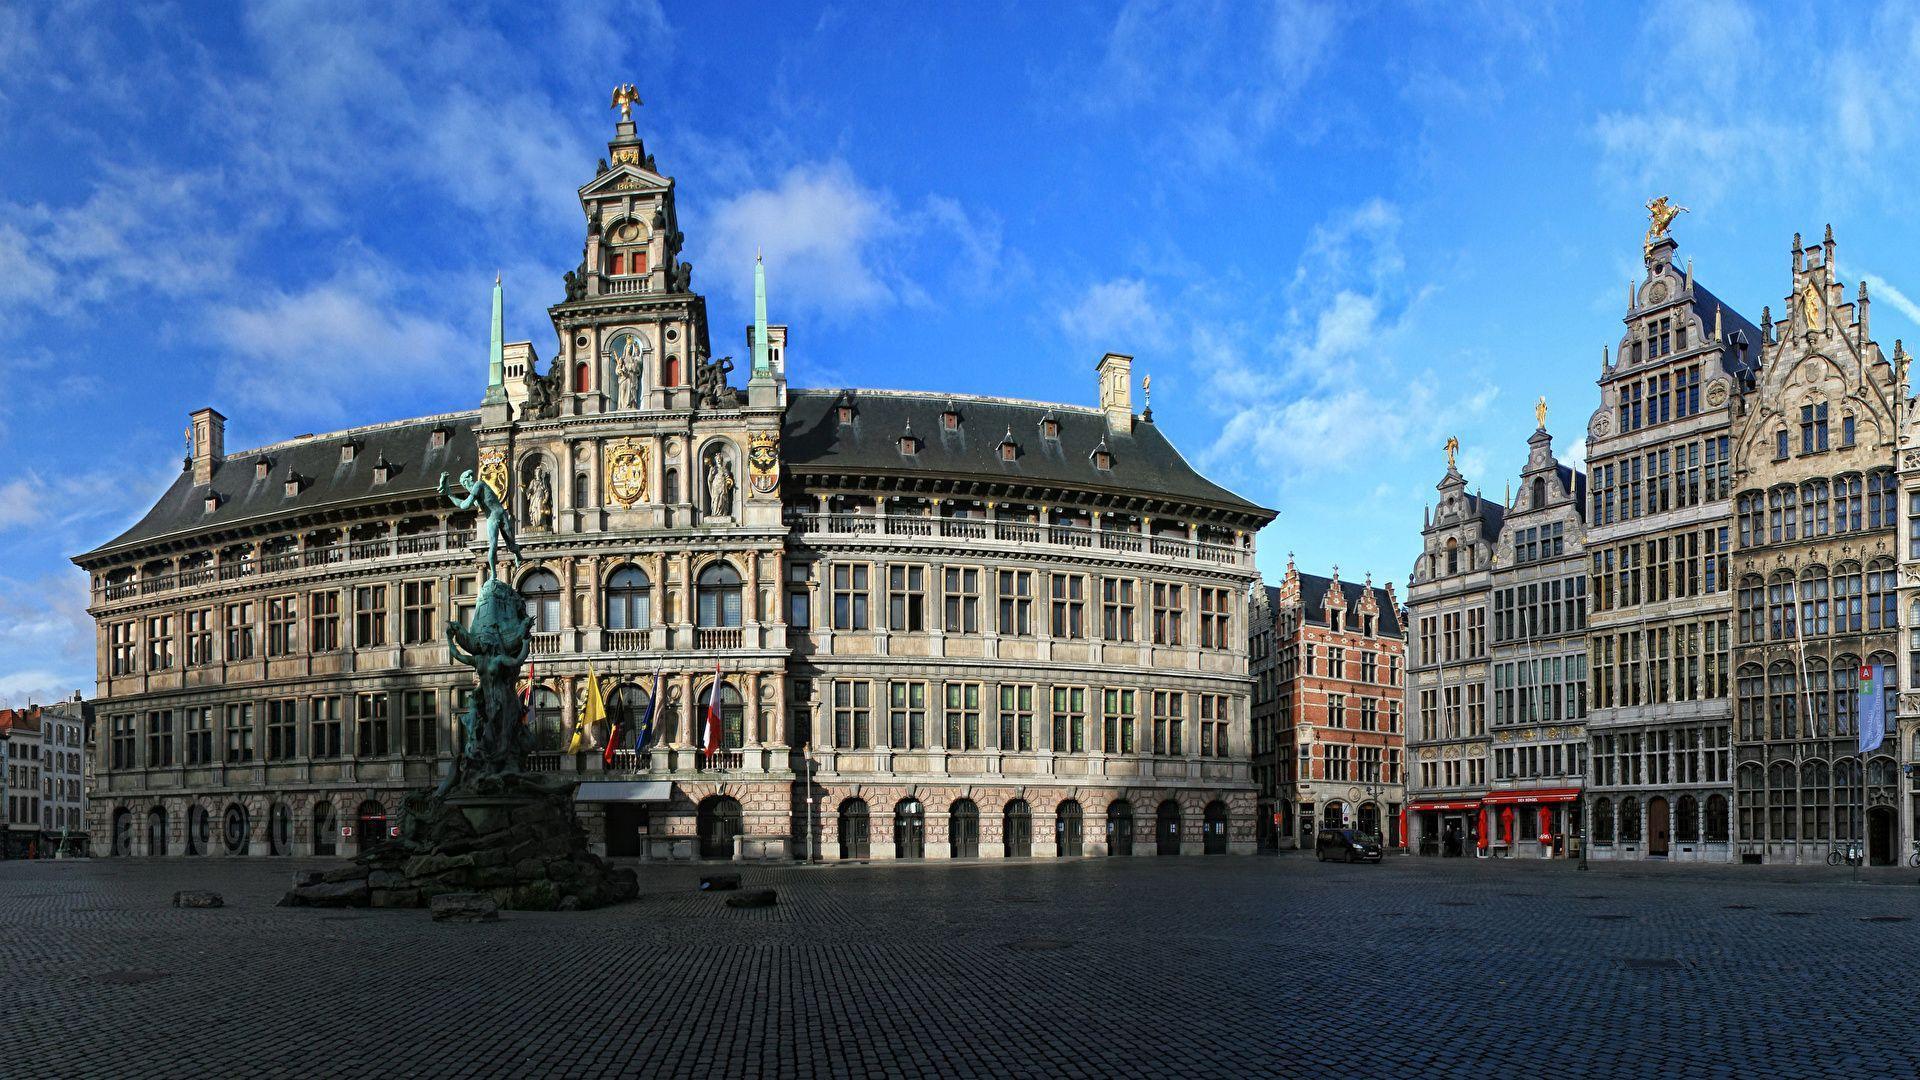 Wallpapers Belgium Houses Monuments Antwerpen Street Cities ...